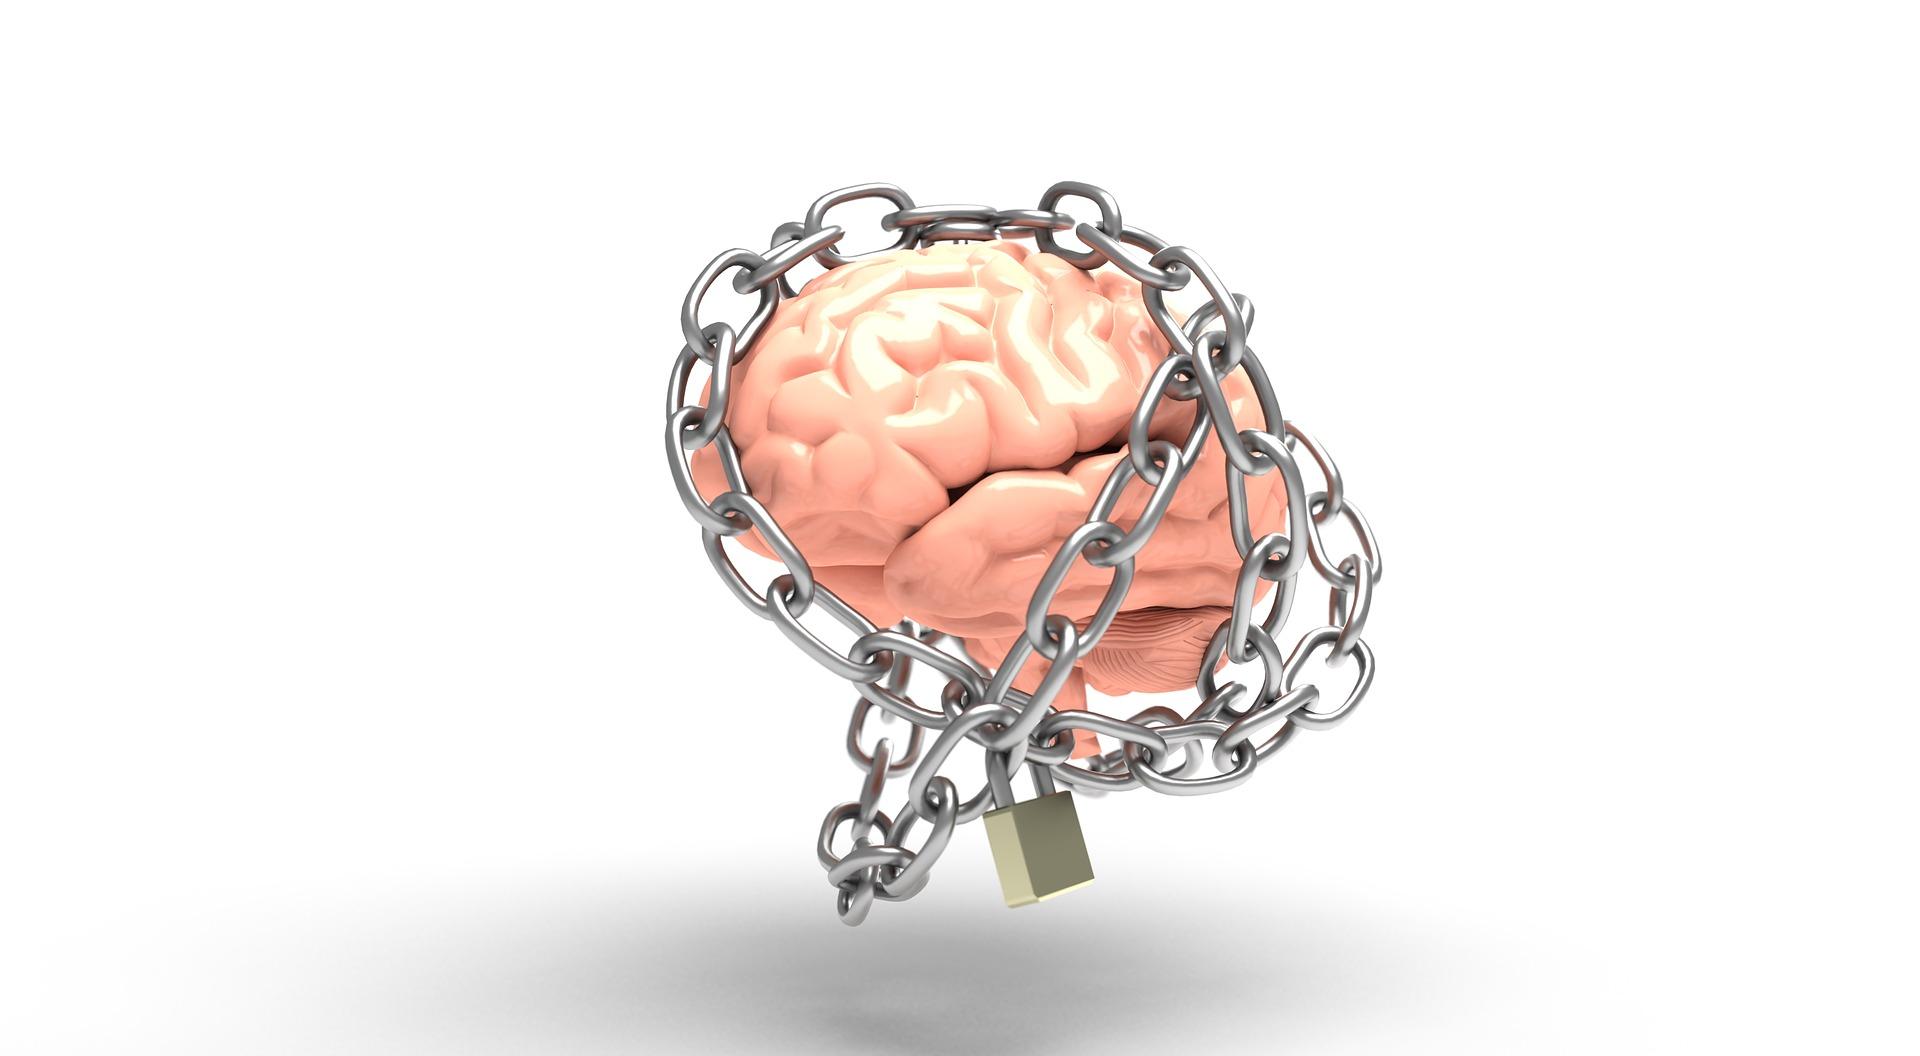 Brain in chains